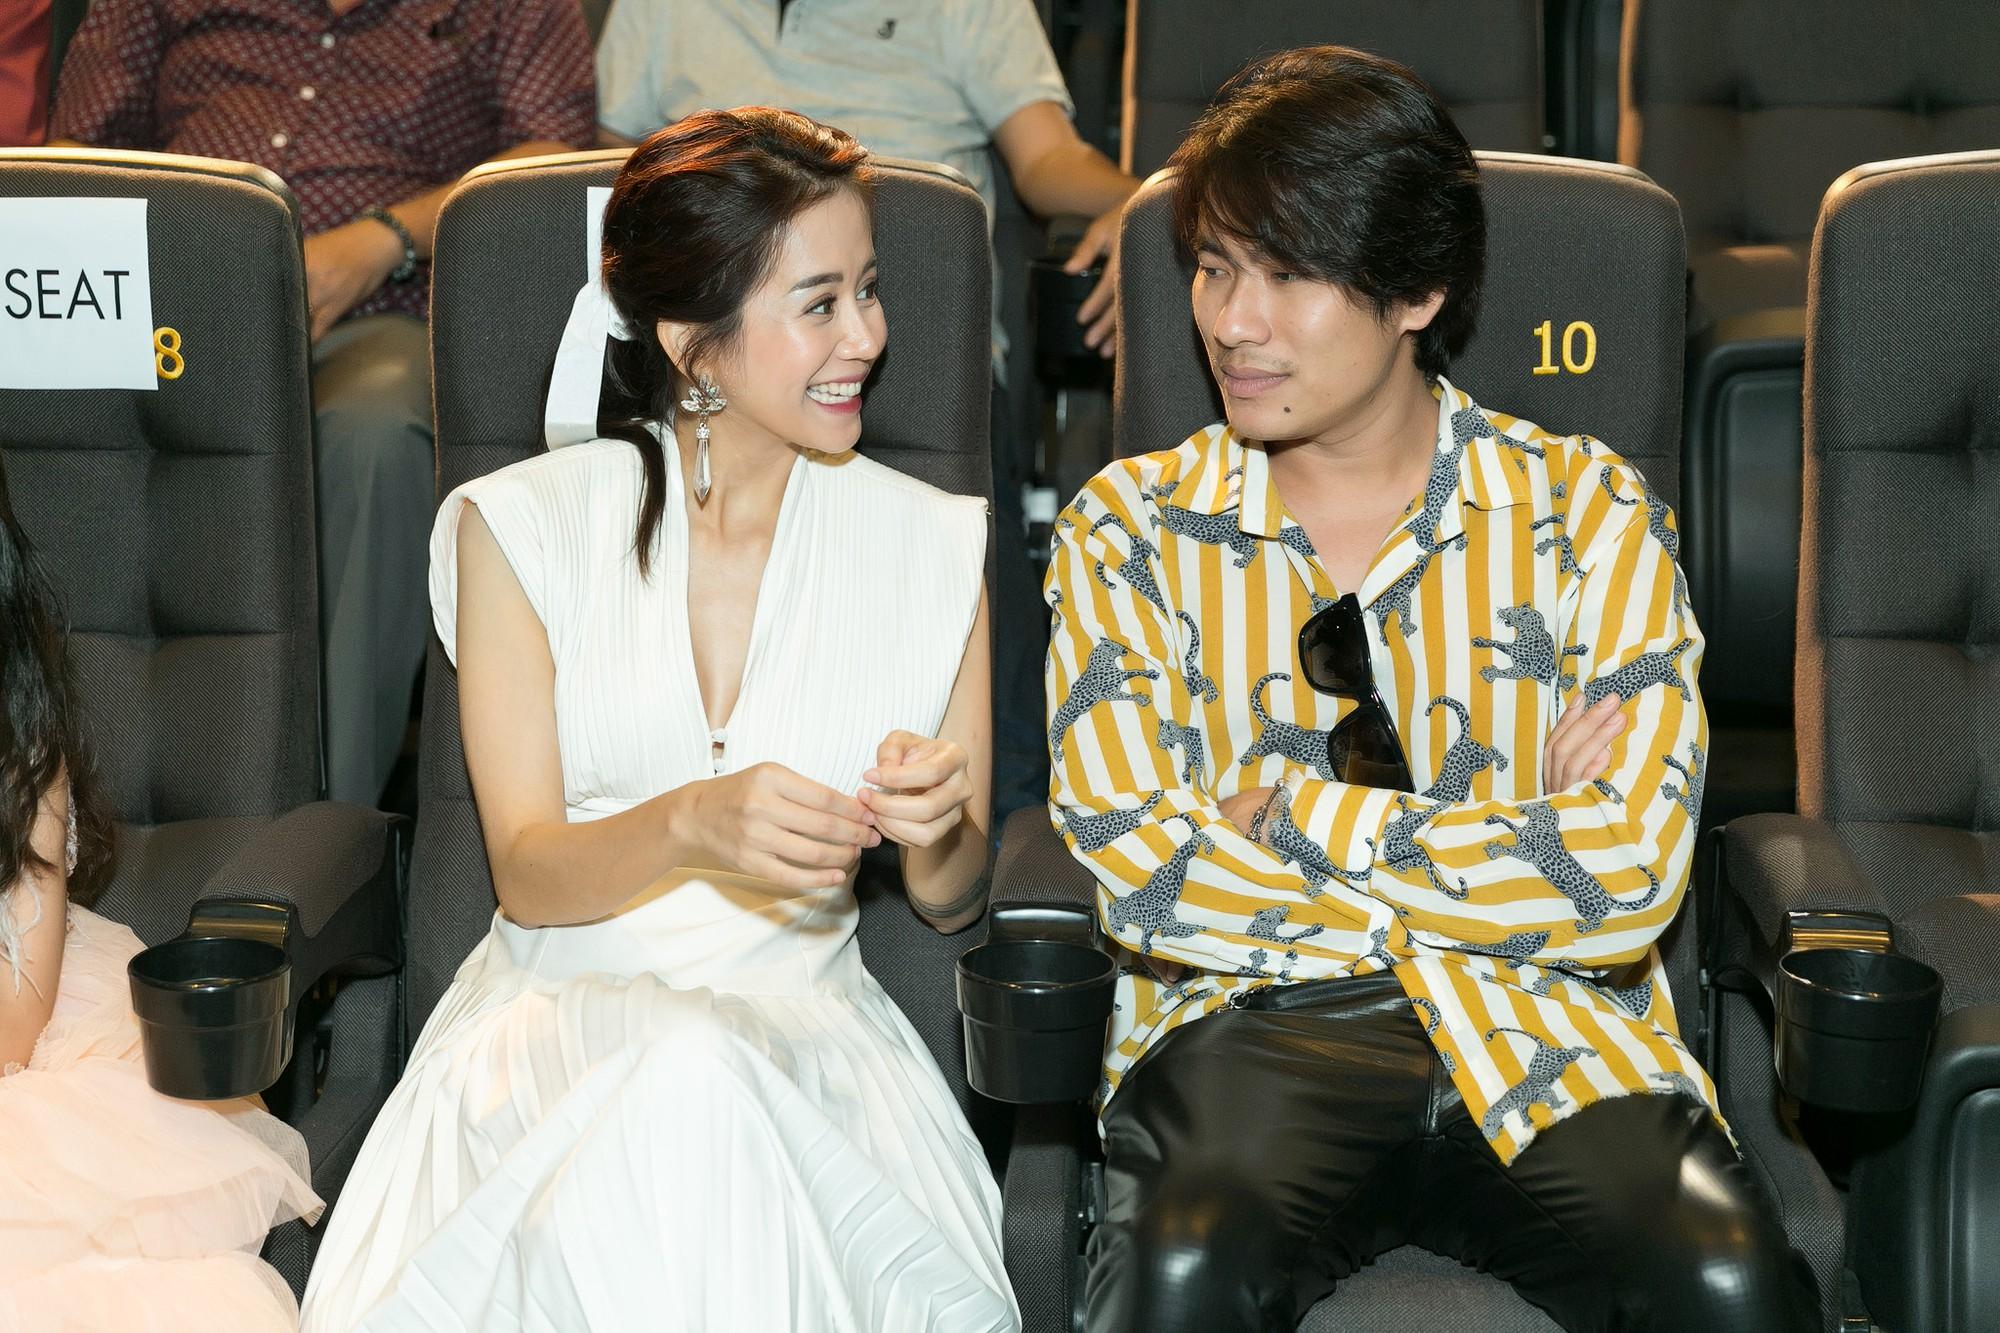 VOH-phim-cua-Kieu-Minh-Tuan-bi-tay-chay-2